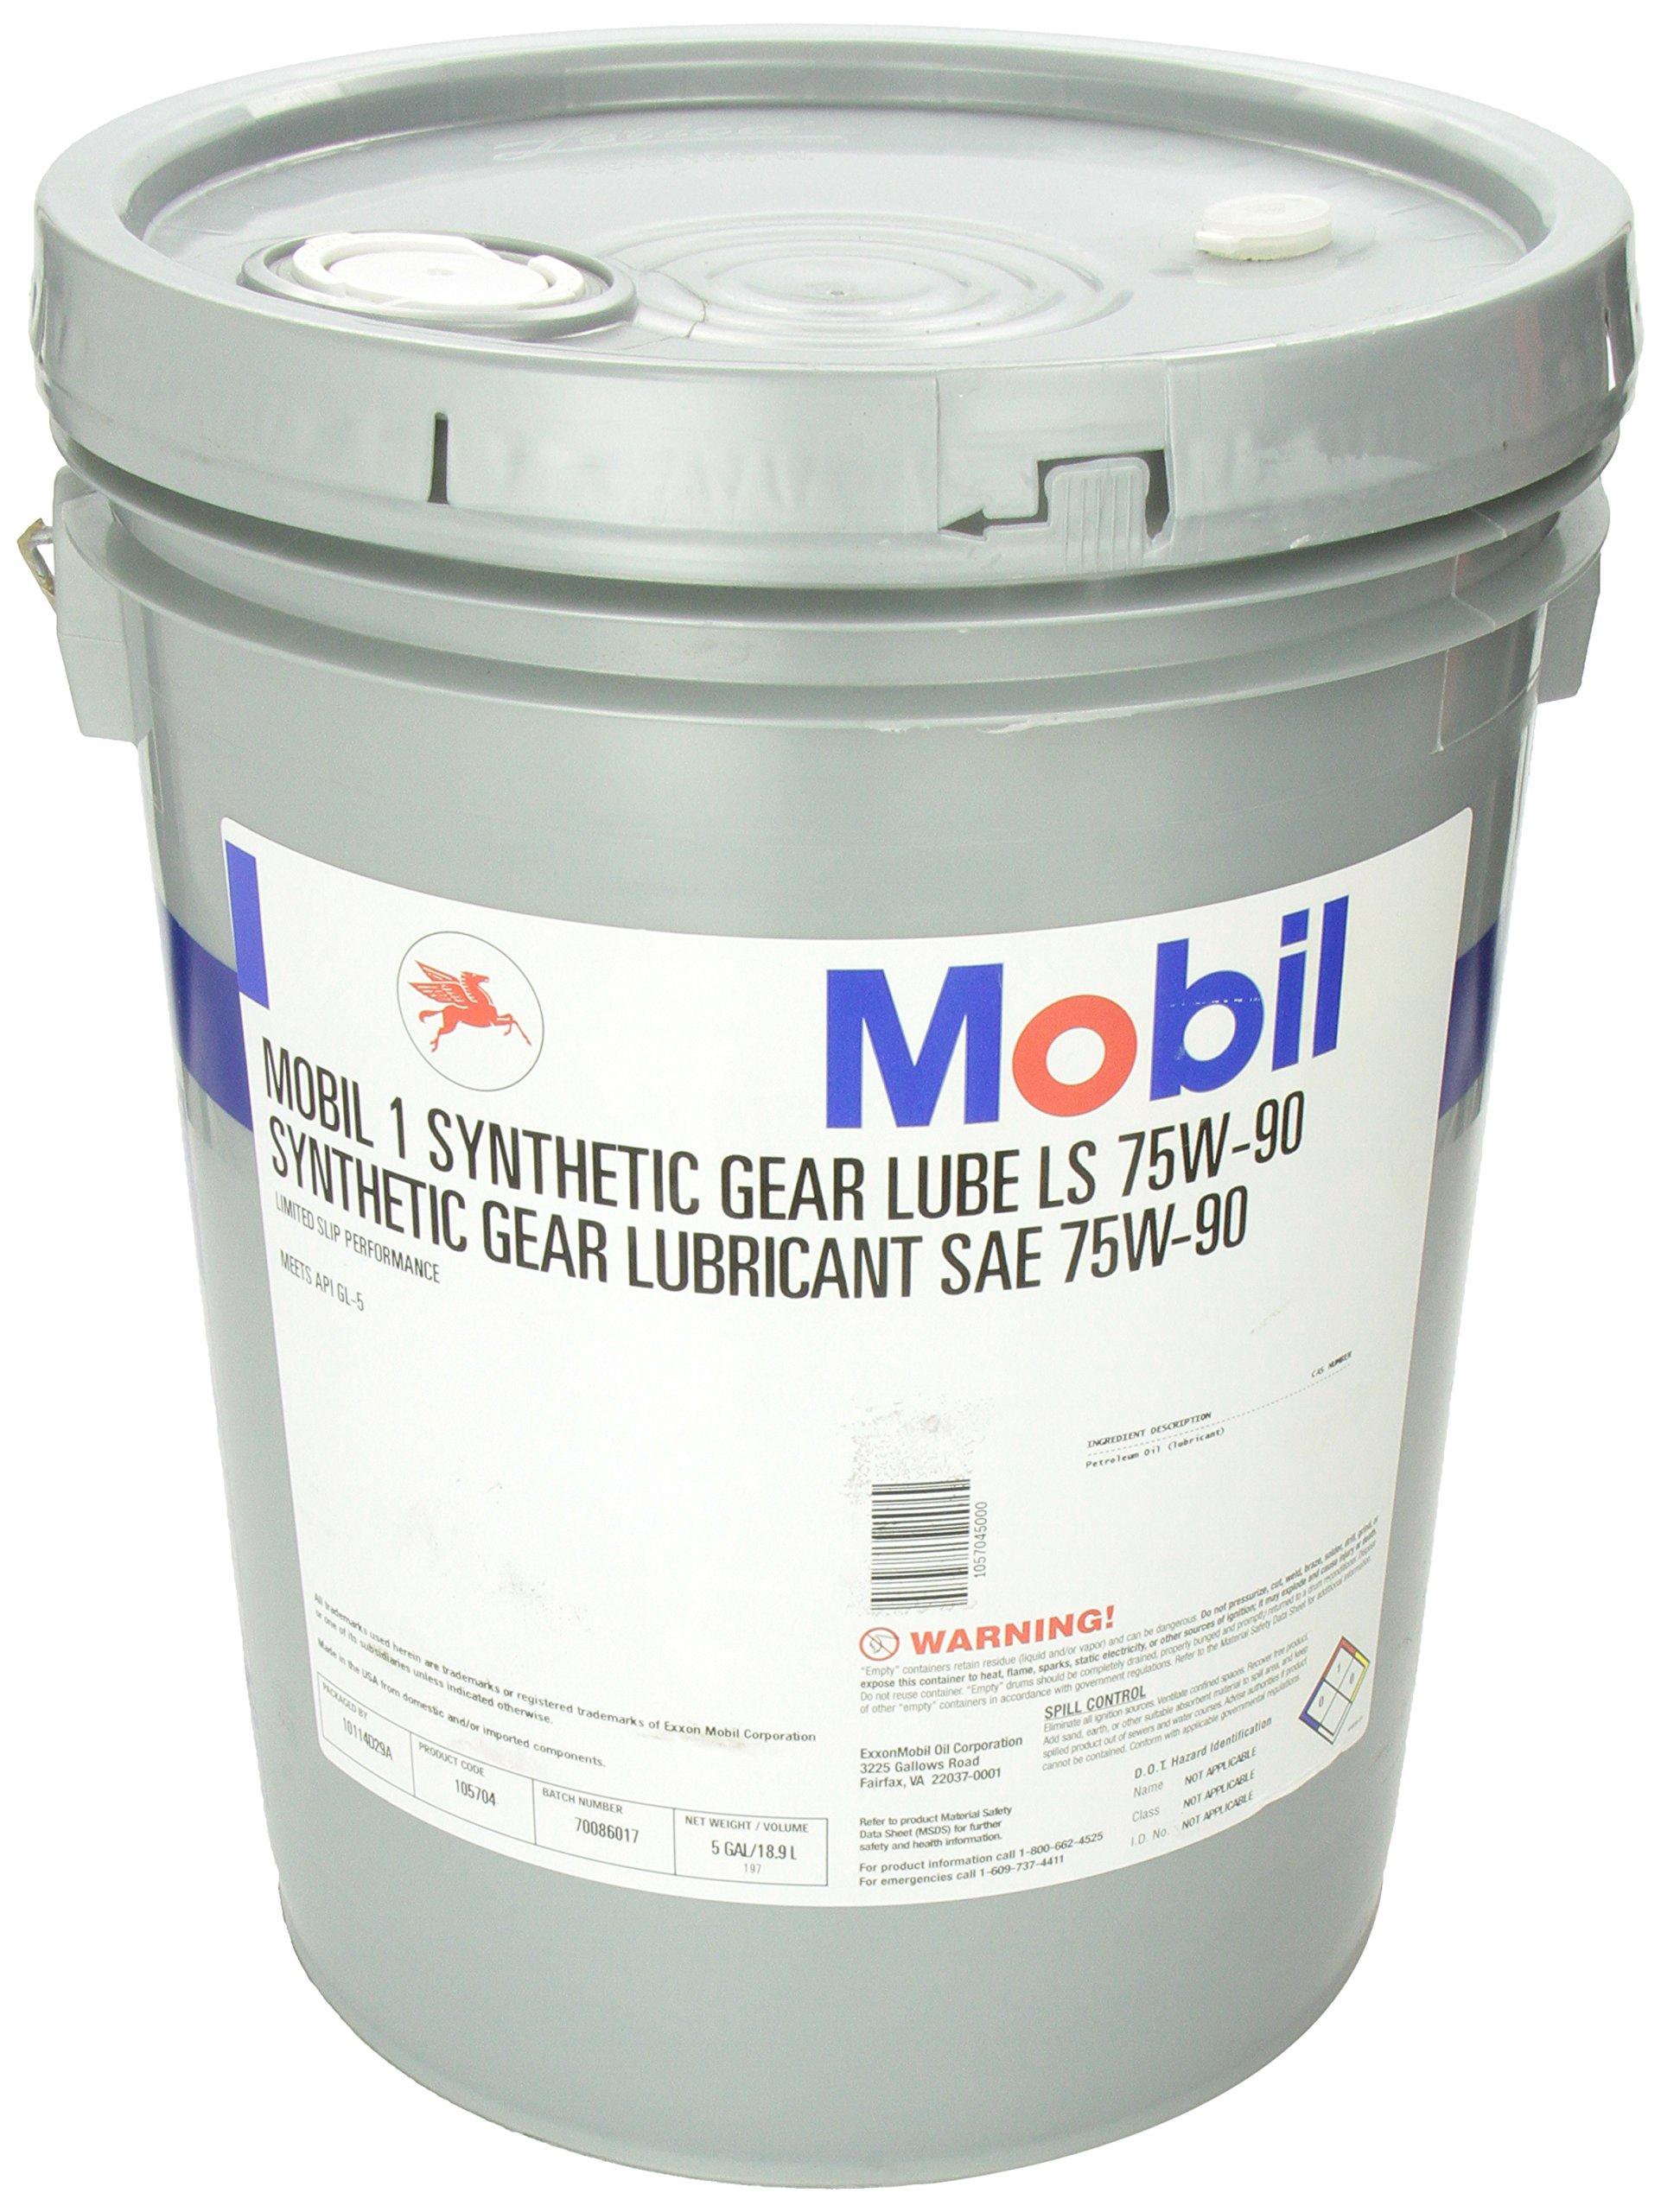 Mobil 1 105704 75W-90 Gear Lube - 5 Gallon Jug